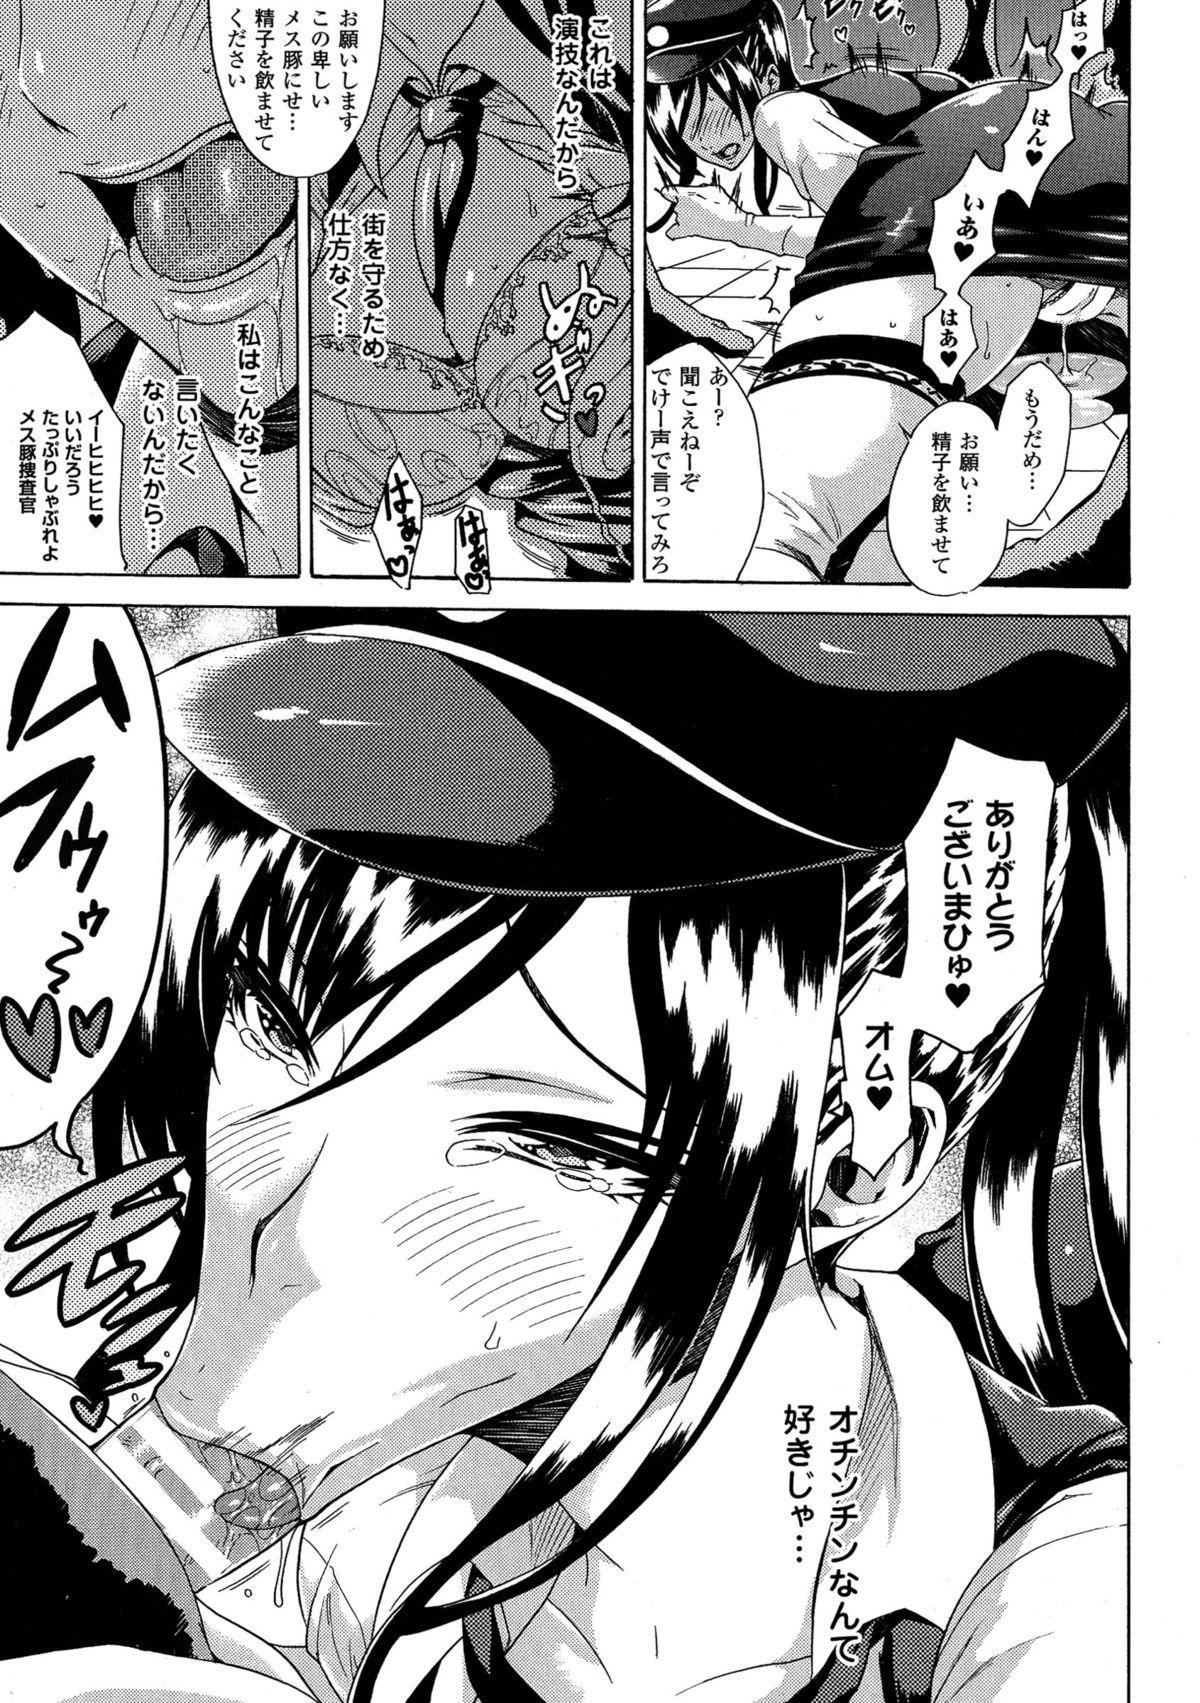 Kachiki na Onna ga Buzama na Ahegao o Sarasu made 36